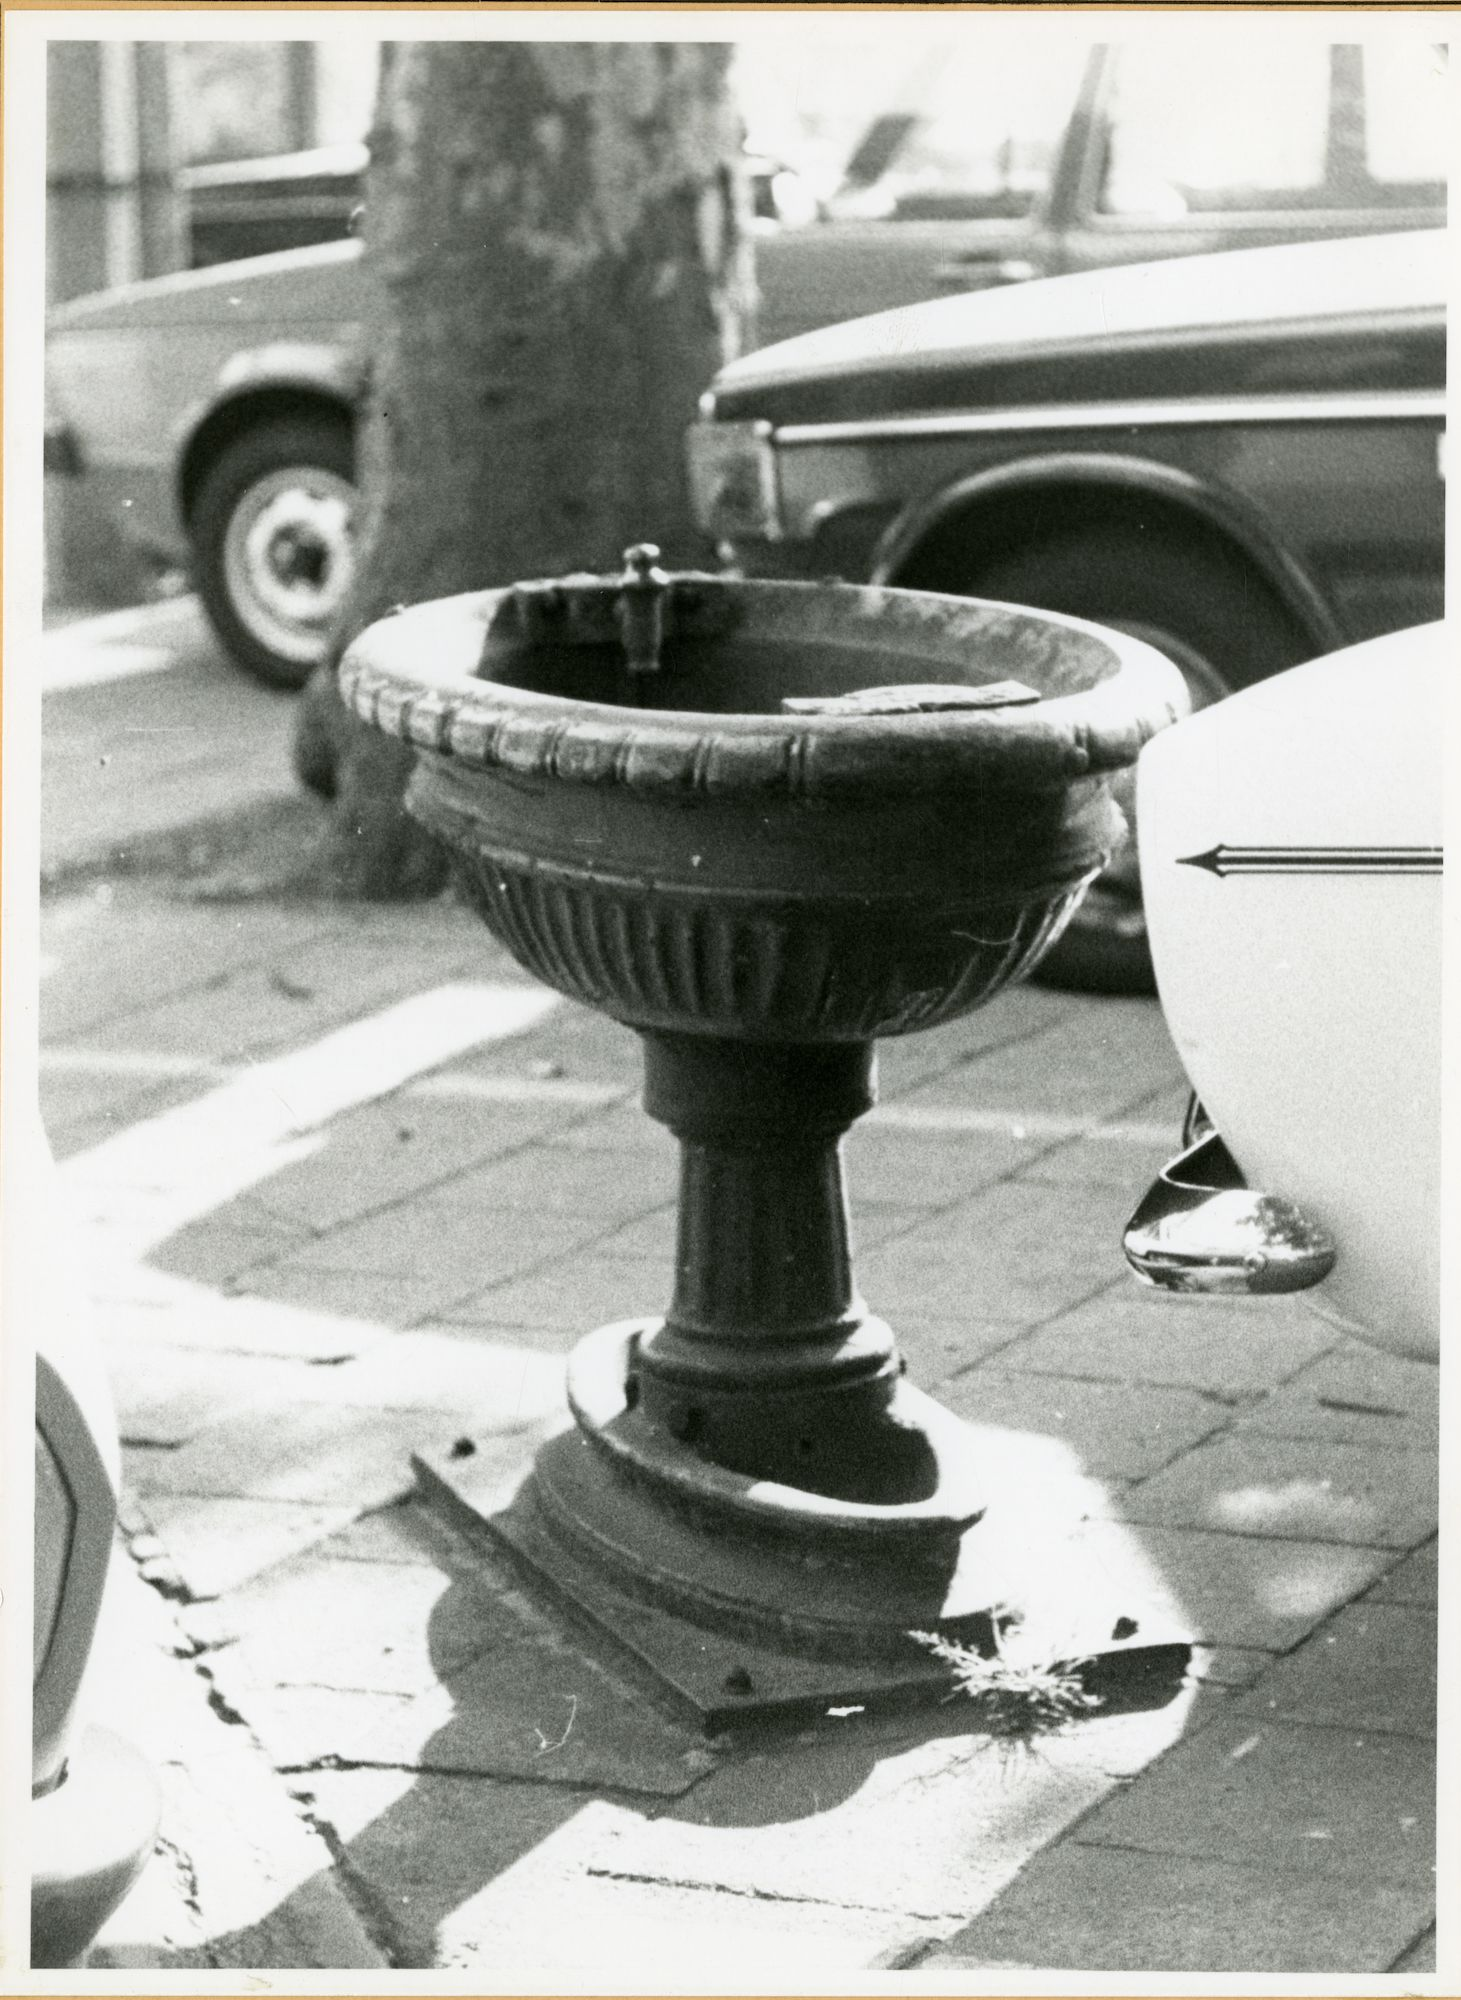 Gent: Bij St-Jacobs: Drinkbekken, 1979